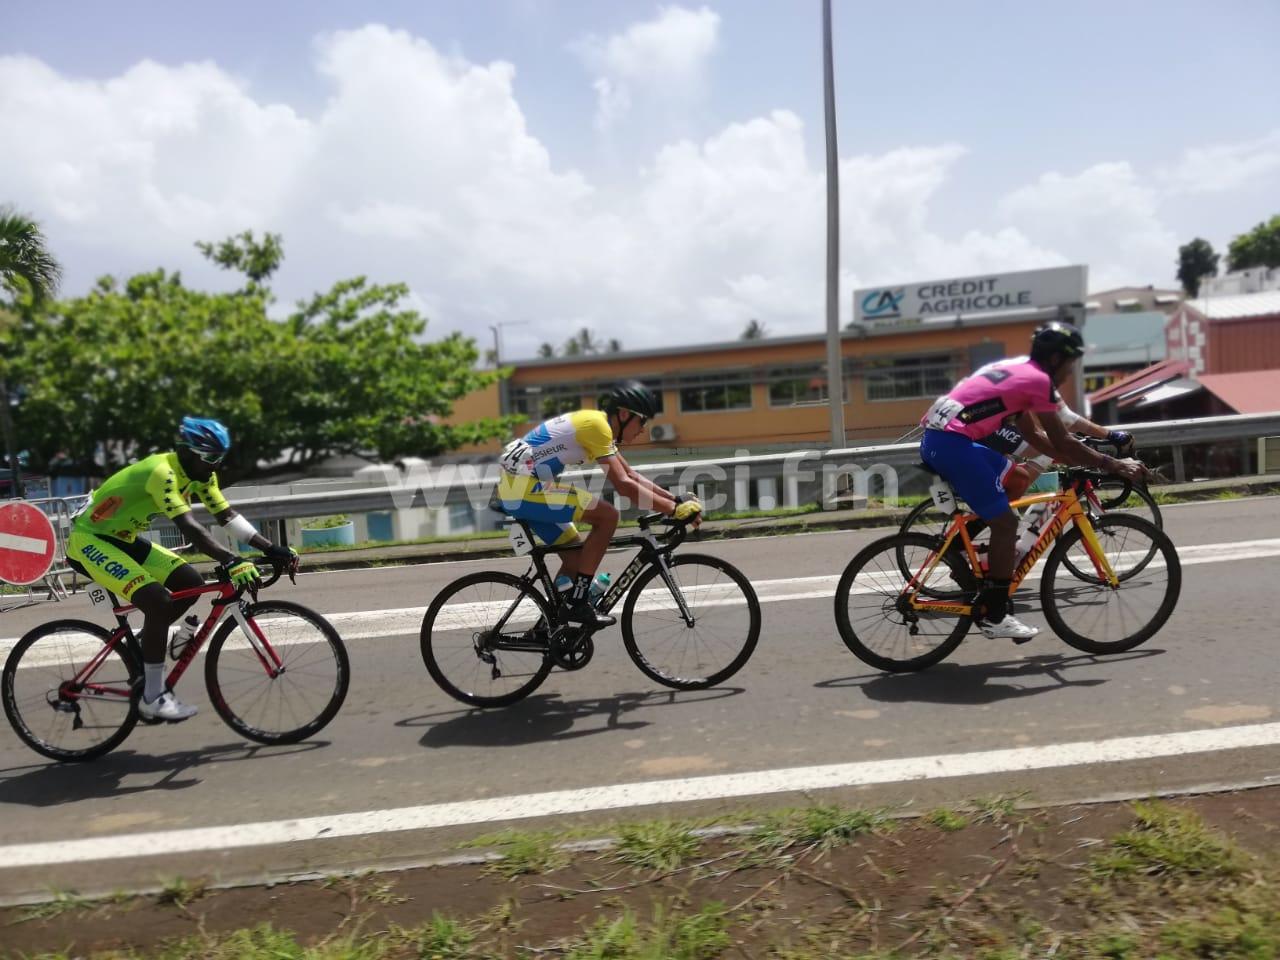 Tour cycliste 2019 : victoire de Greg Hallop lors de la 5ème étape